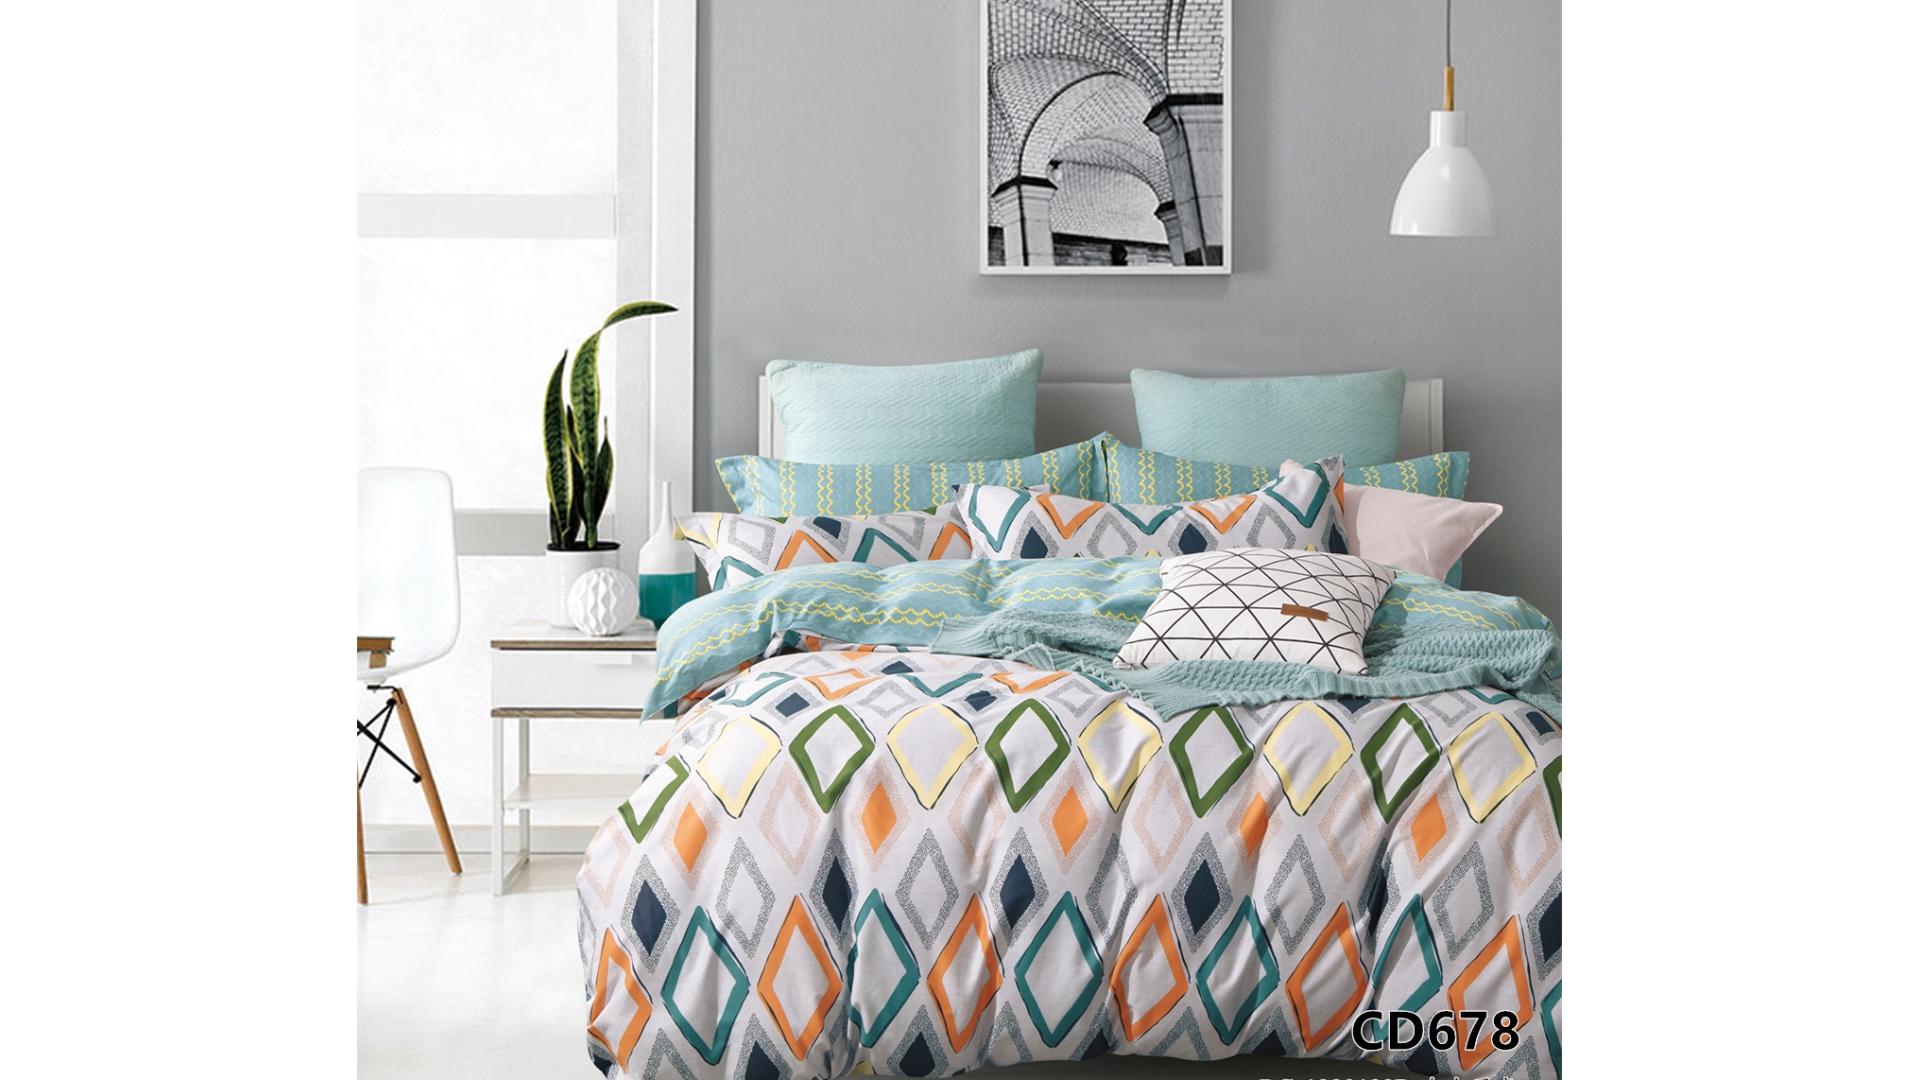 Комплект постельного белья Арлет (CD678) фото FullHD (0)